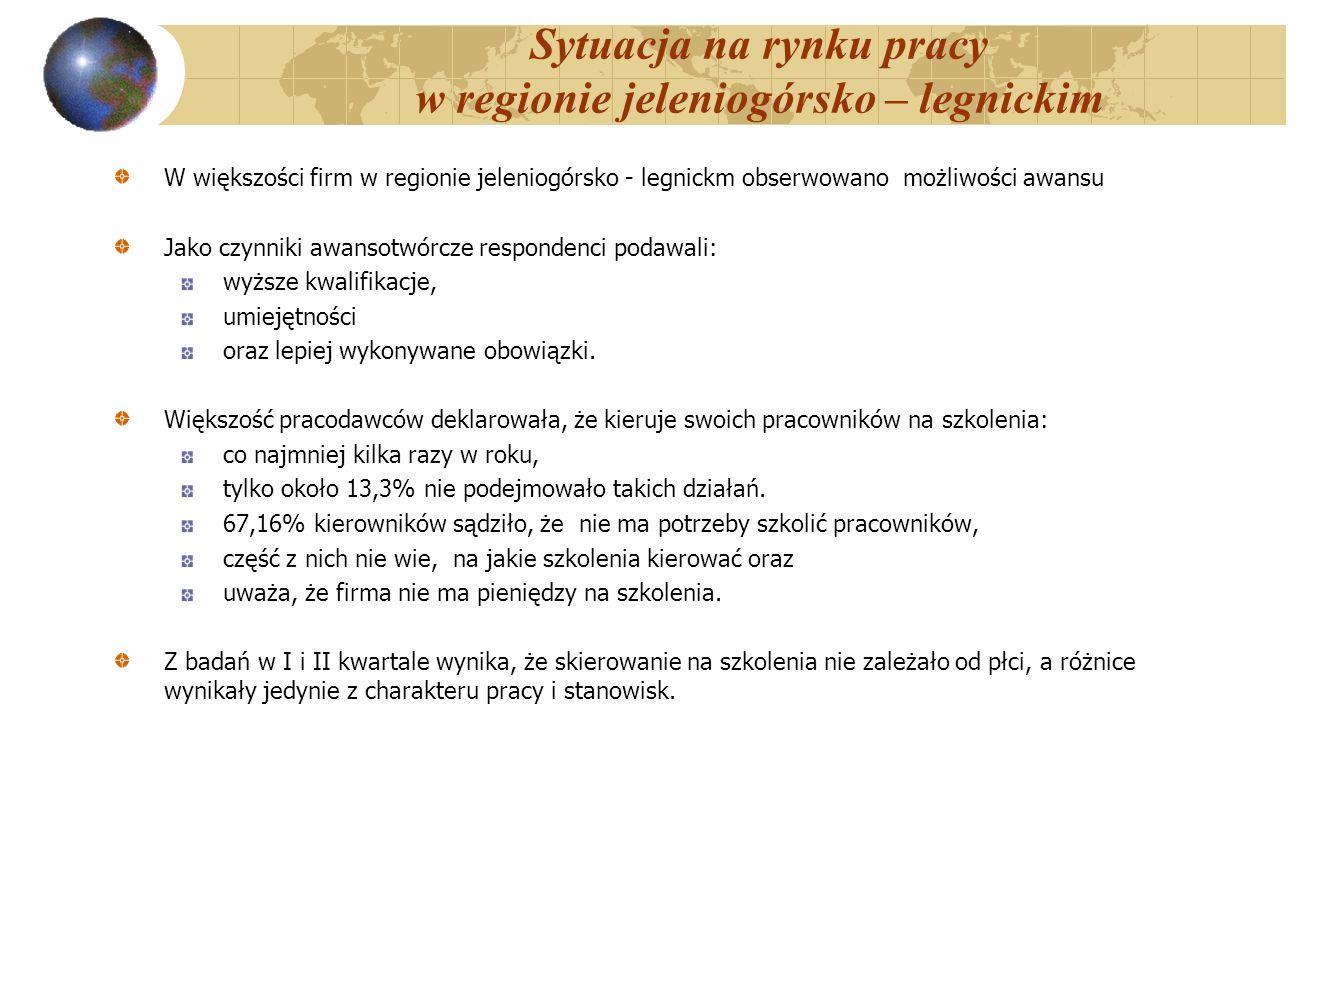 Sytuacja na rynku pracy w regionie jeleniogórsko – legnickim